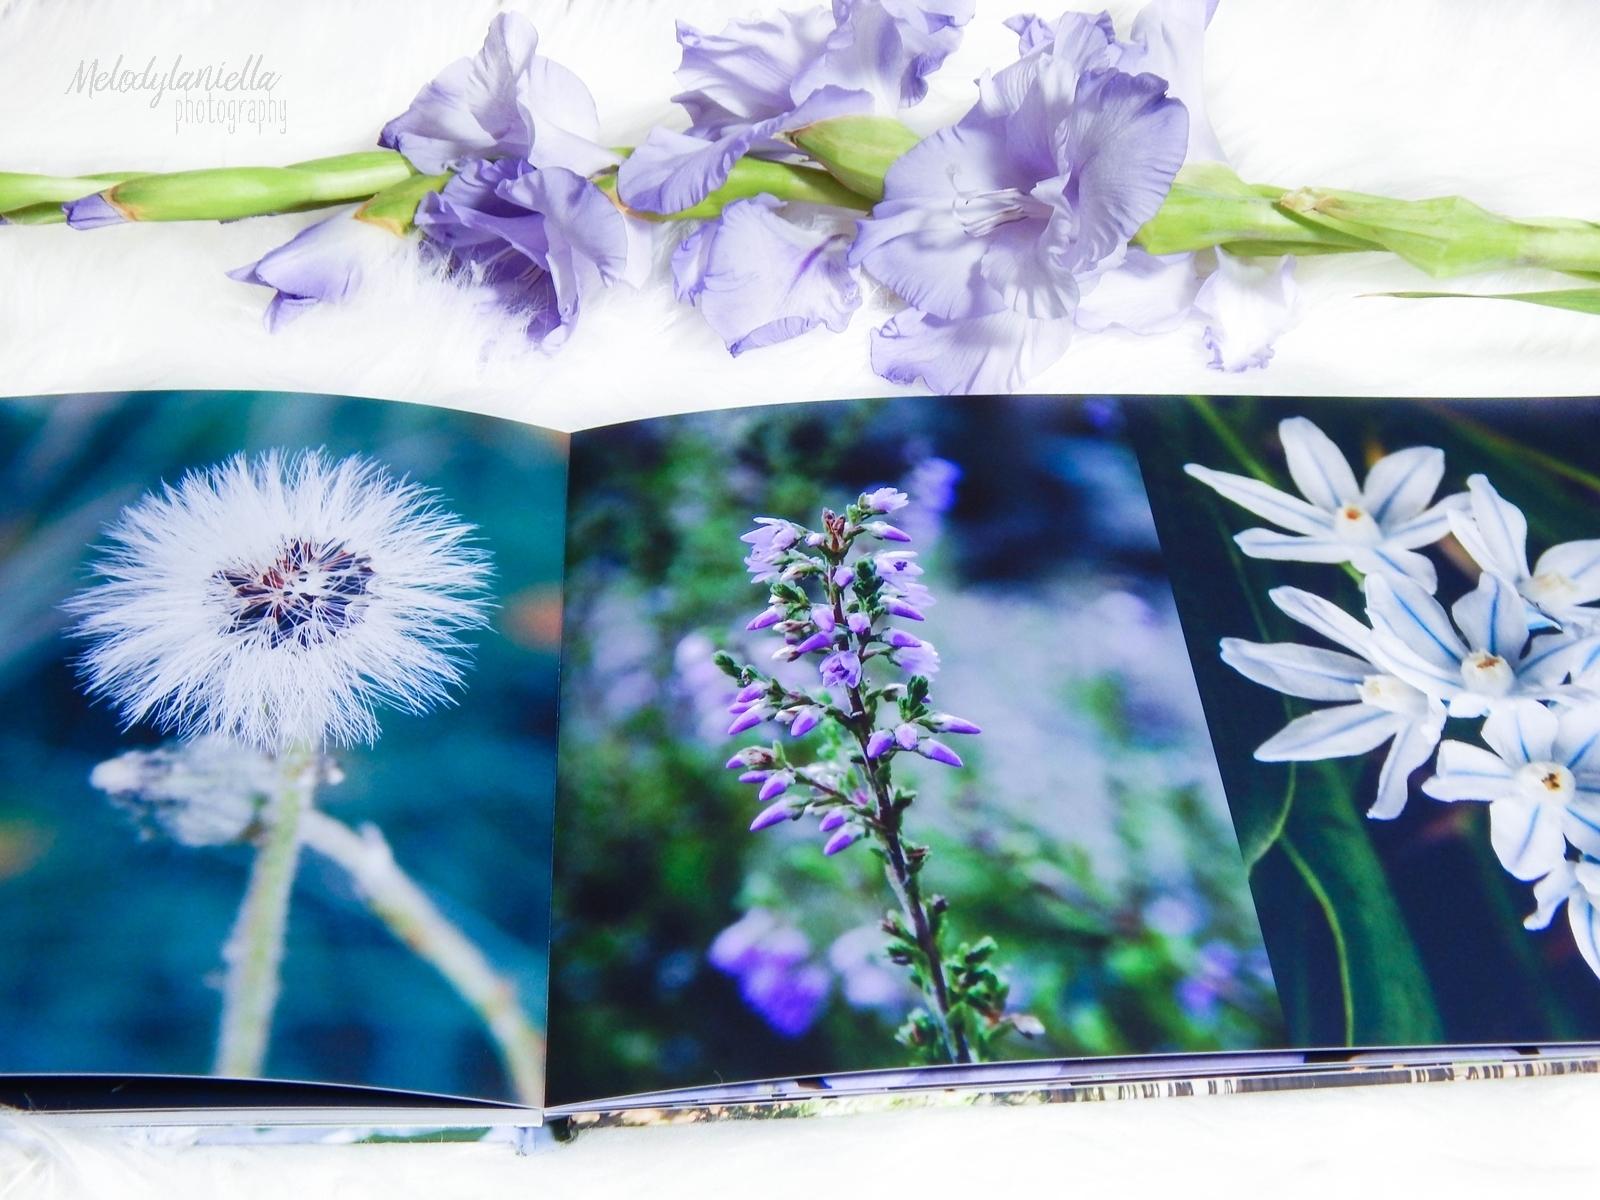 saal digital fotoksiązka recenzja melodylaniella blog pomysl na prezent fotografia fotograficzne prezenty .JPG kwiaty